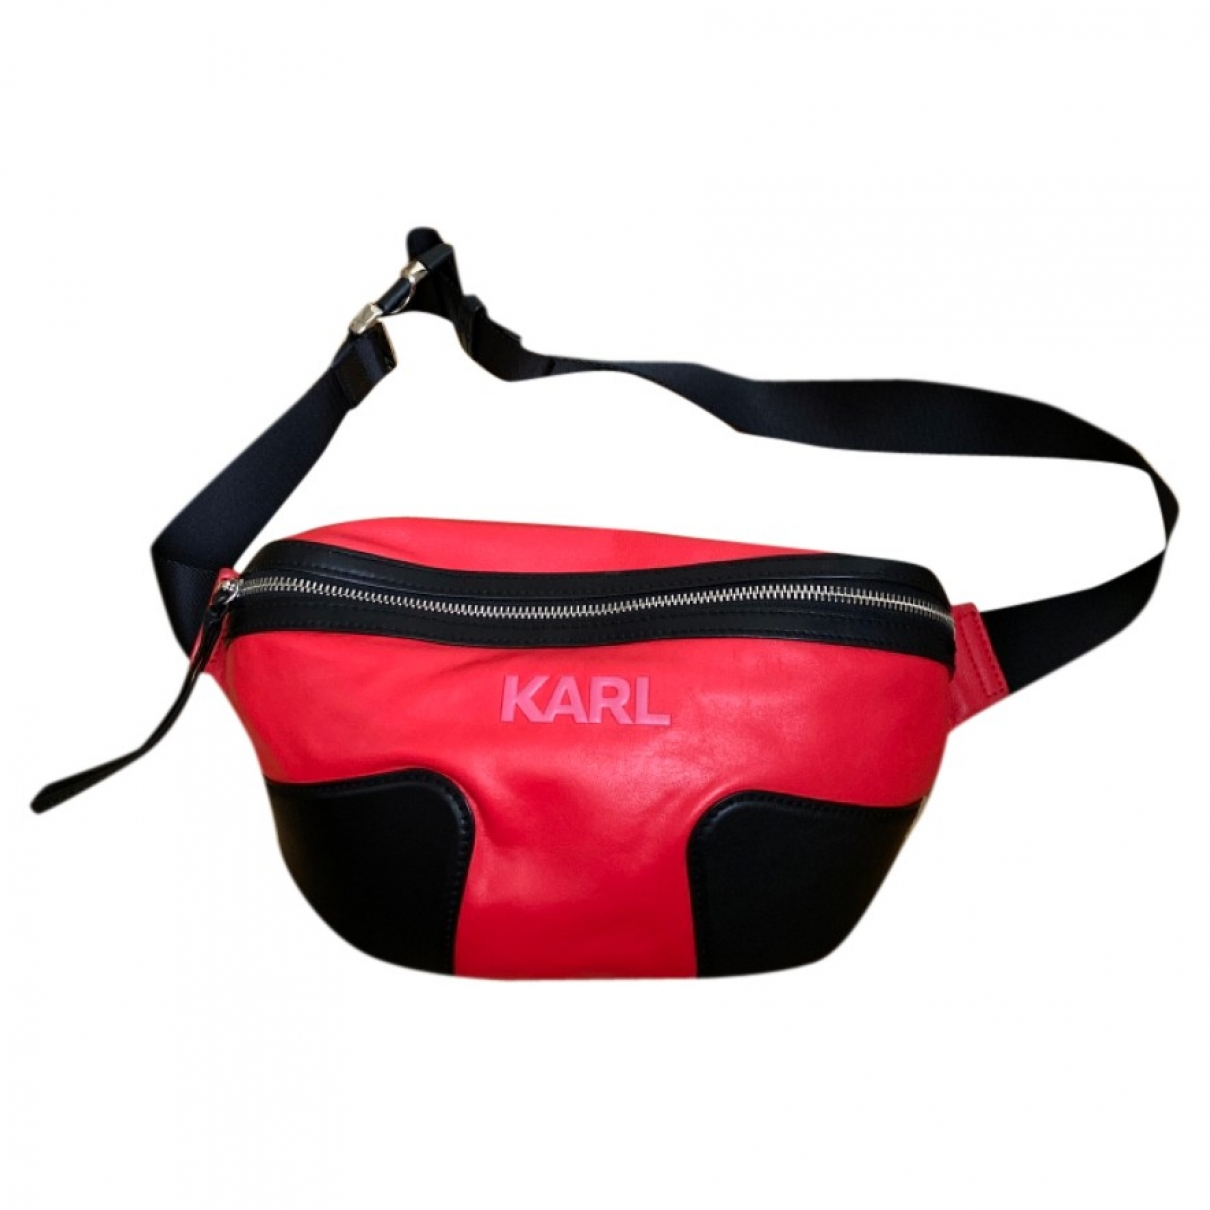 Karl \N Handtasche in  Rot Leder